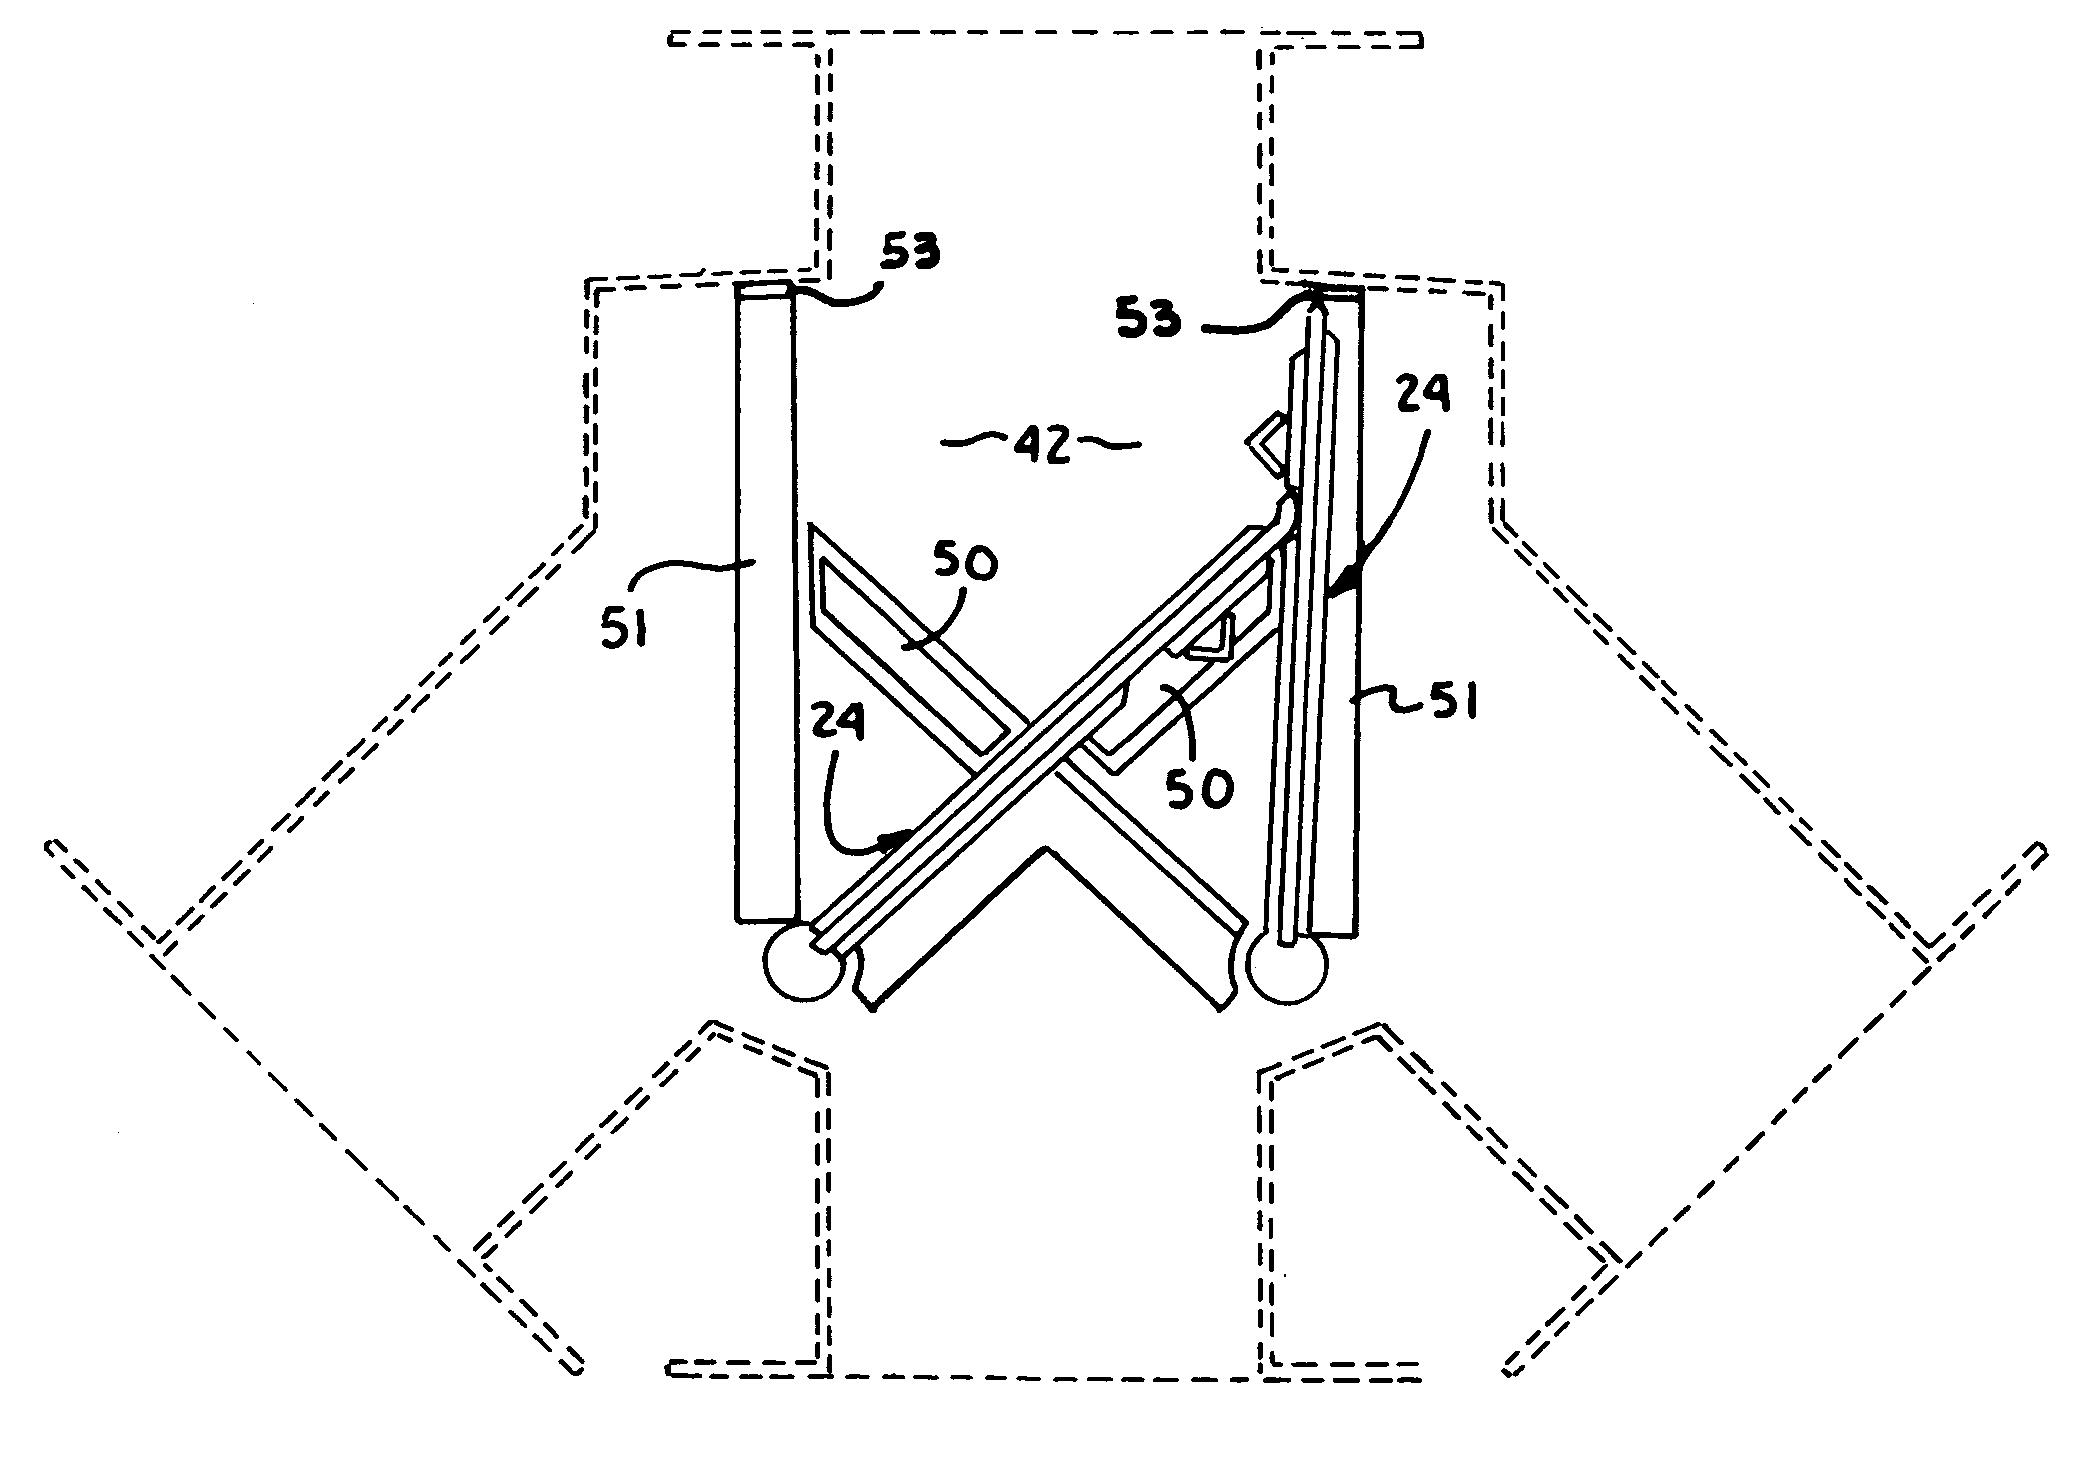 4 way valve diagram